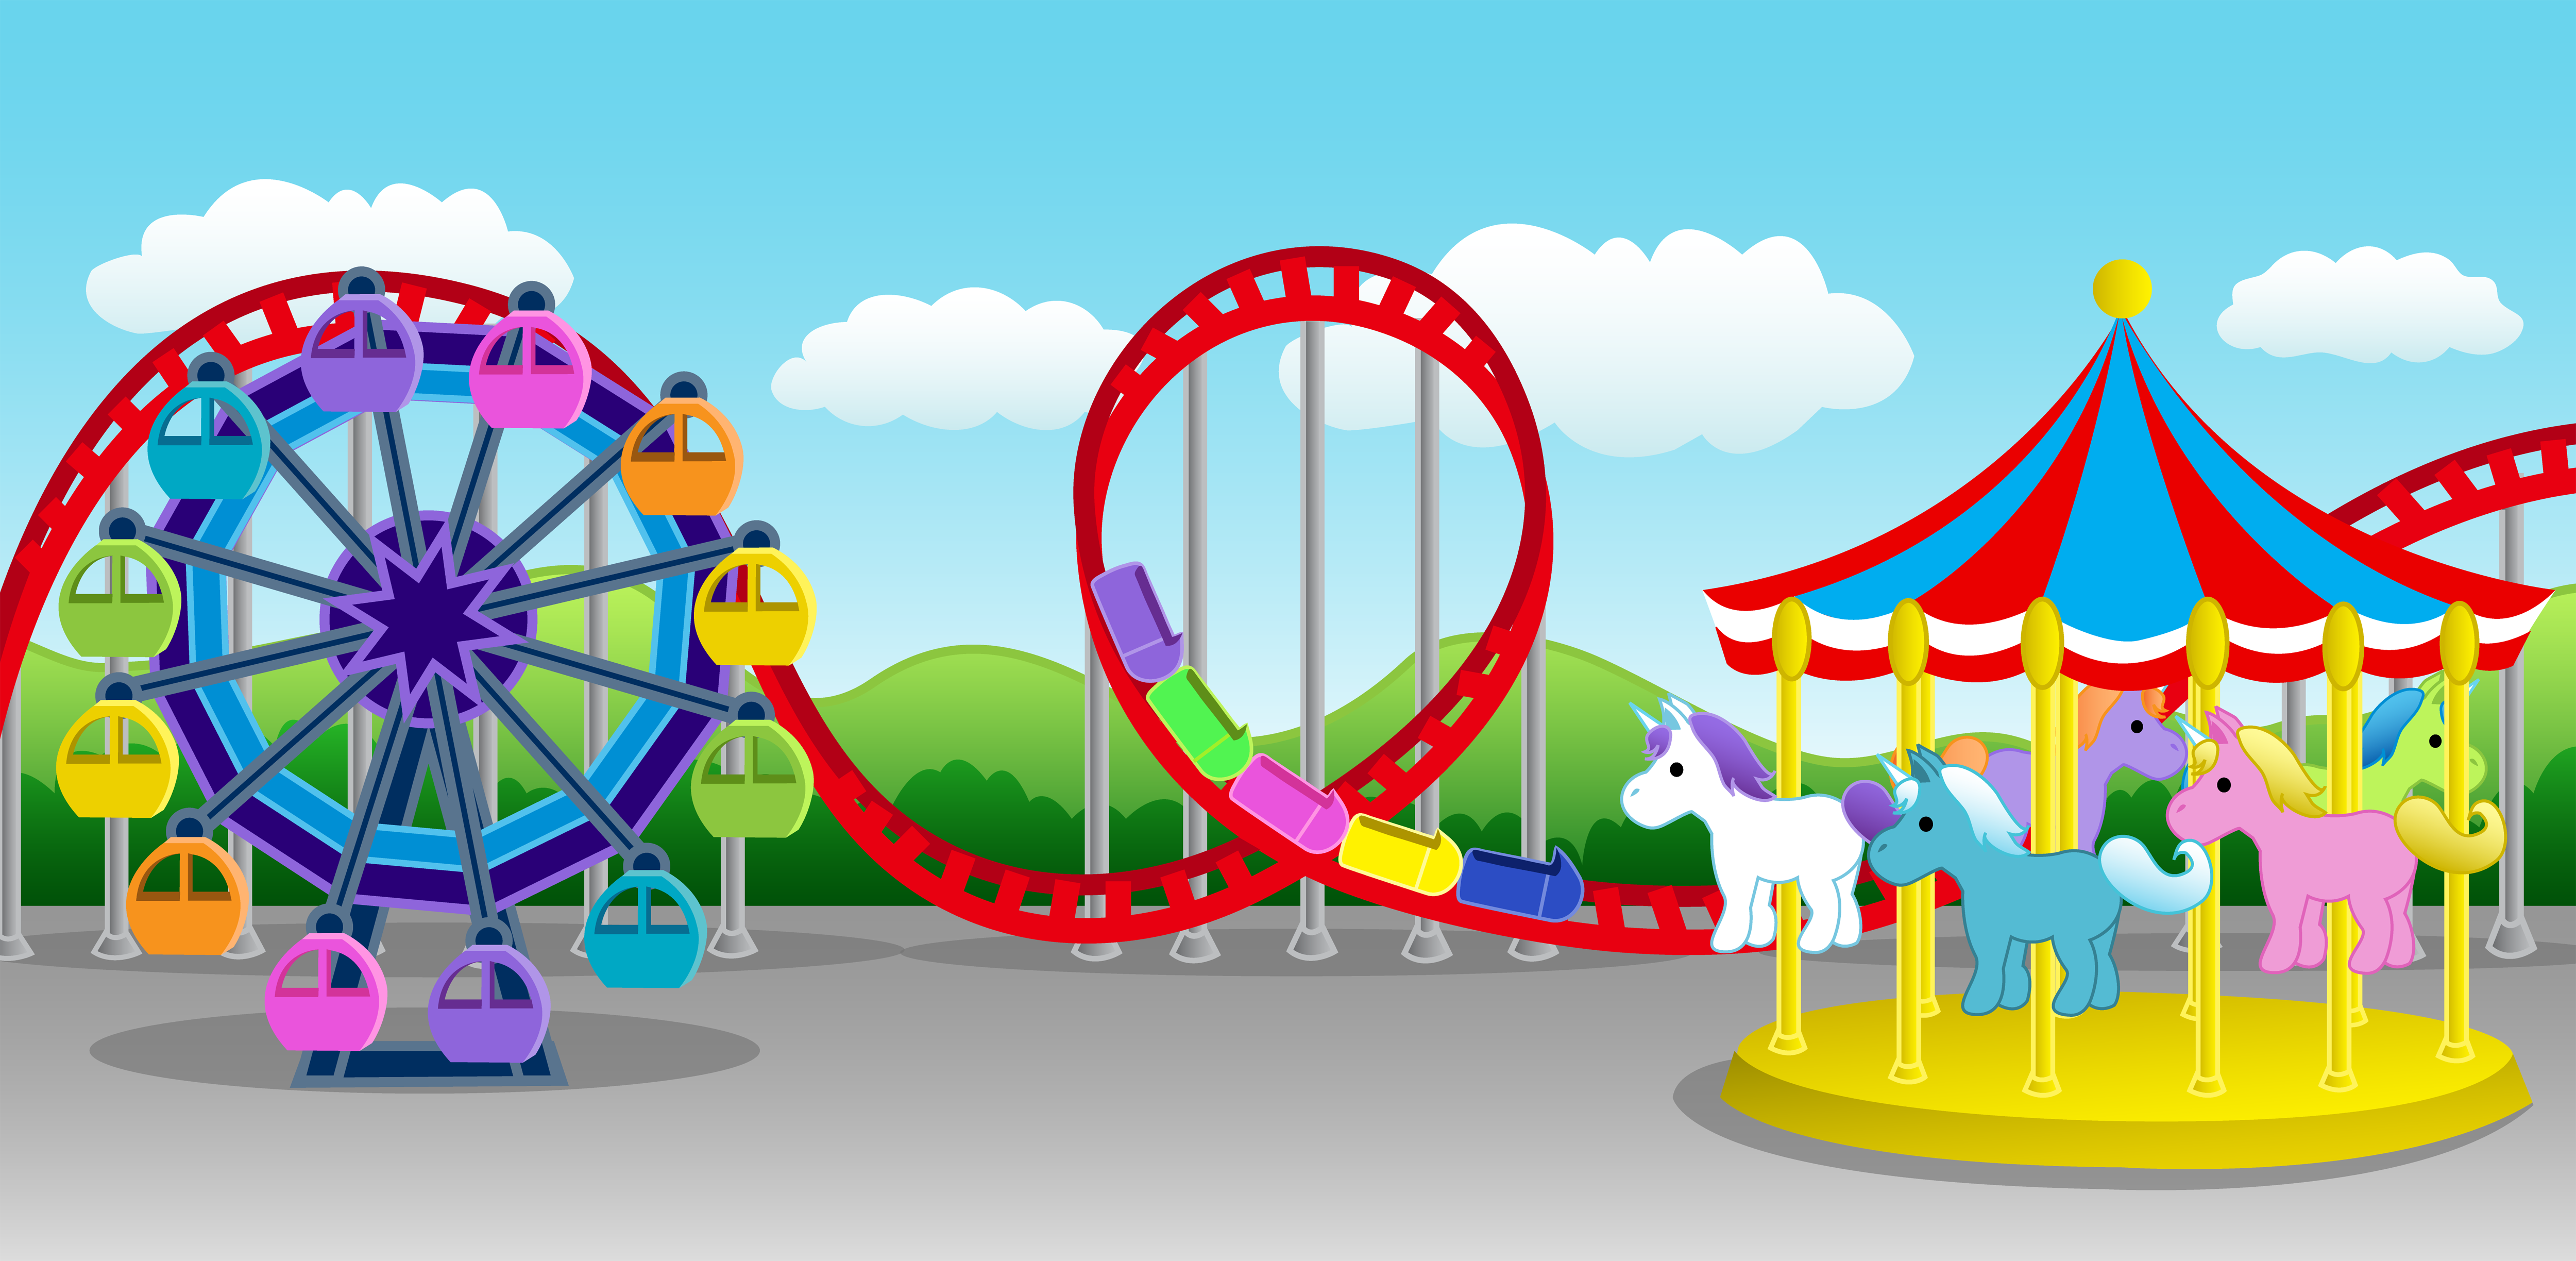 Children's carnival ride clipart - Clipground